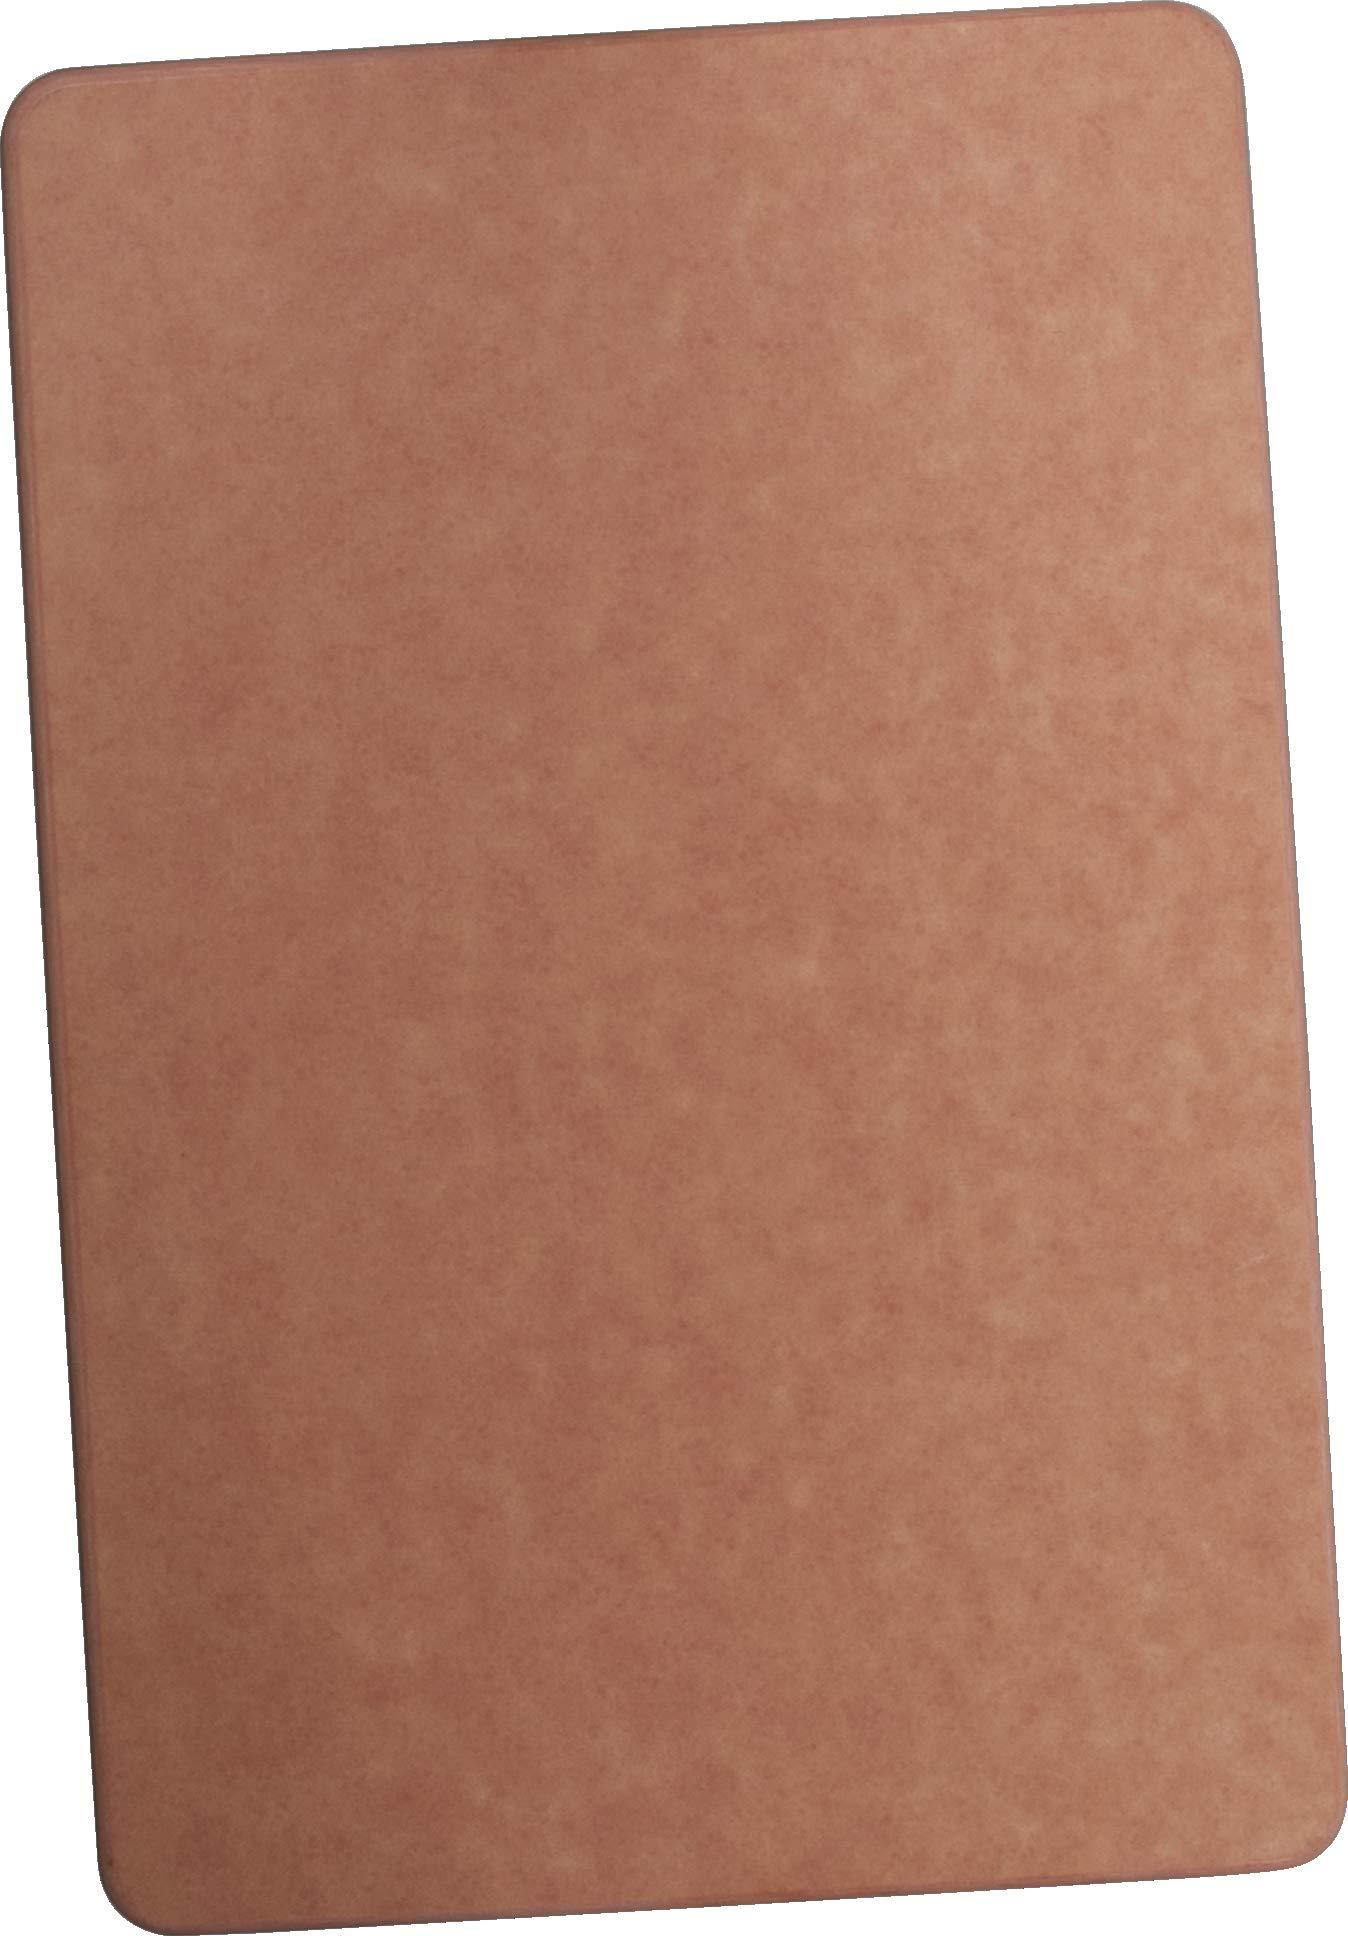 San Jamar Tuff-Cut High Tech Resin Regular Cutting Boards